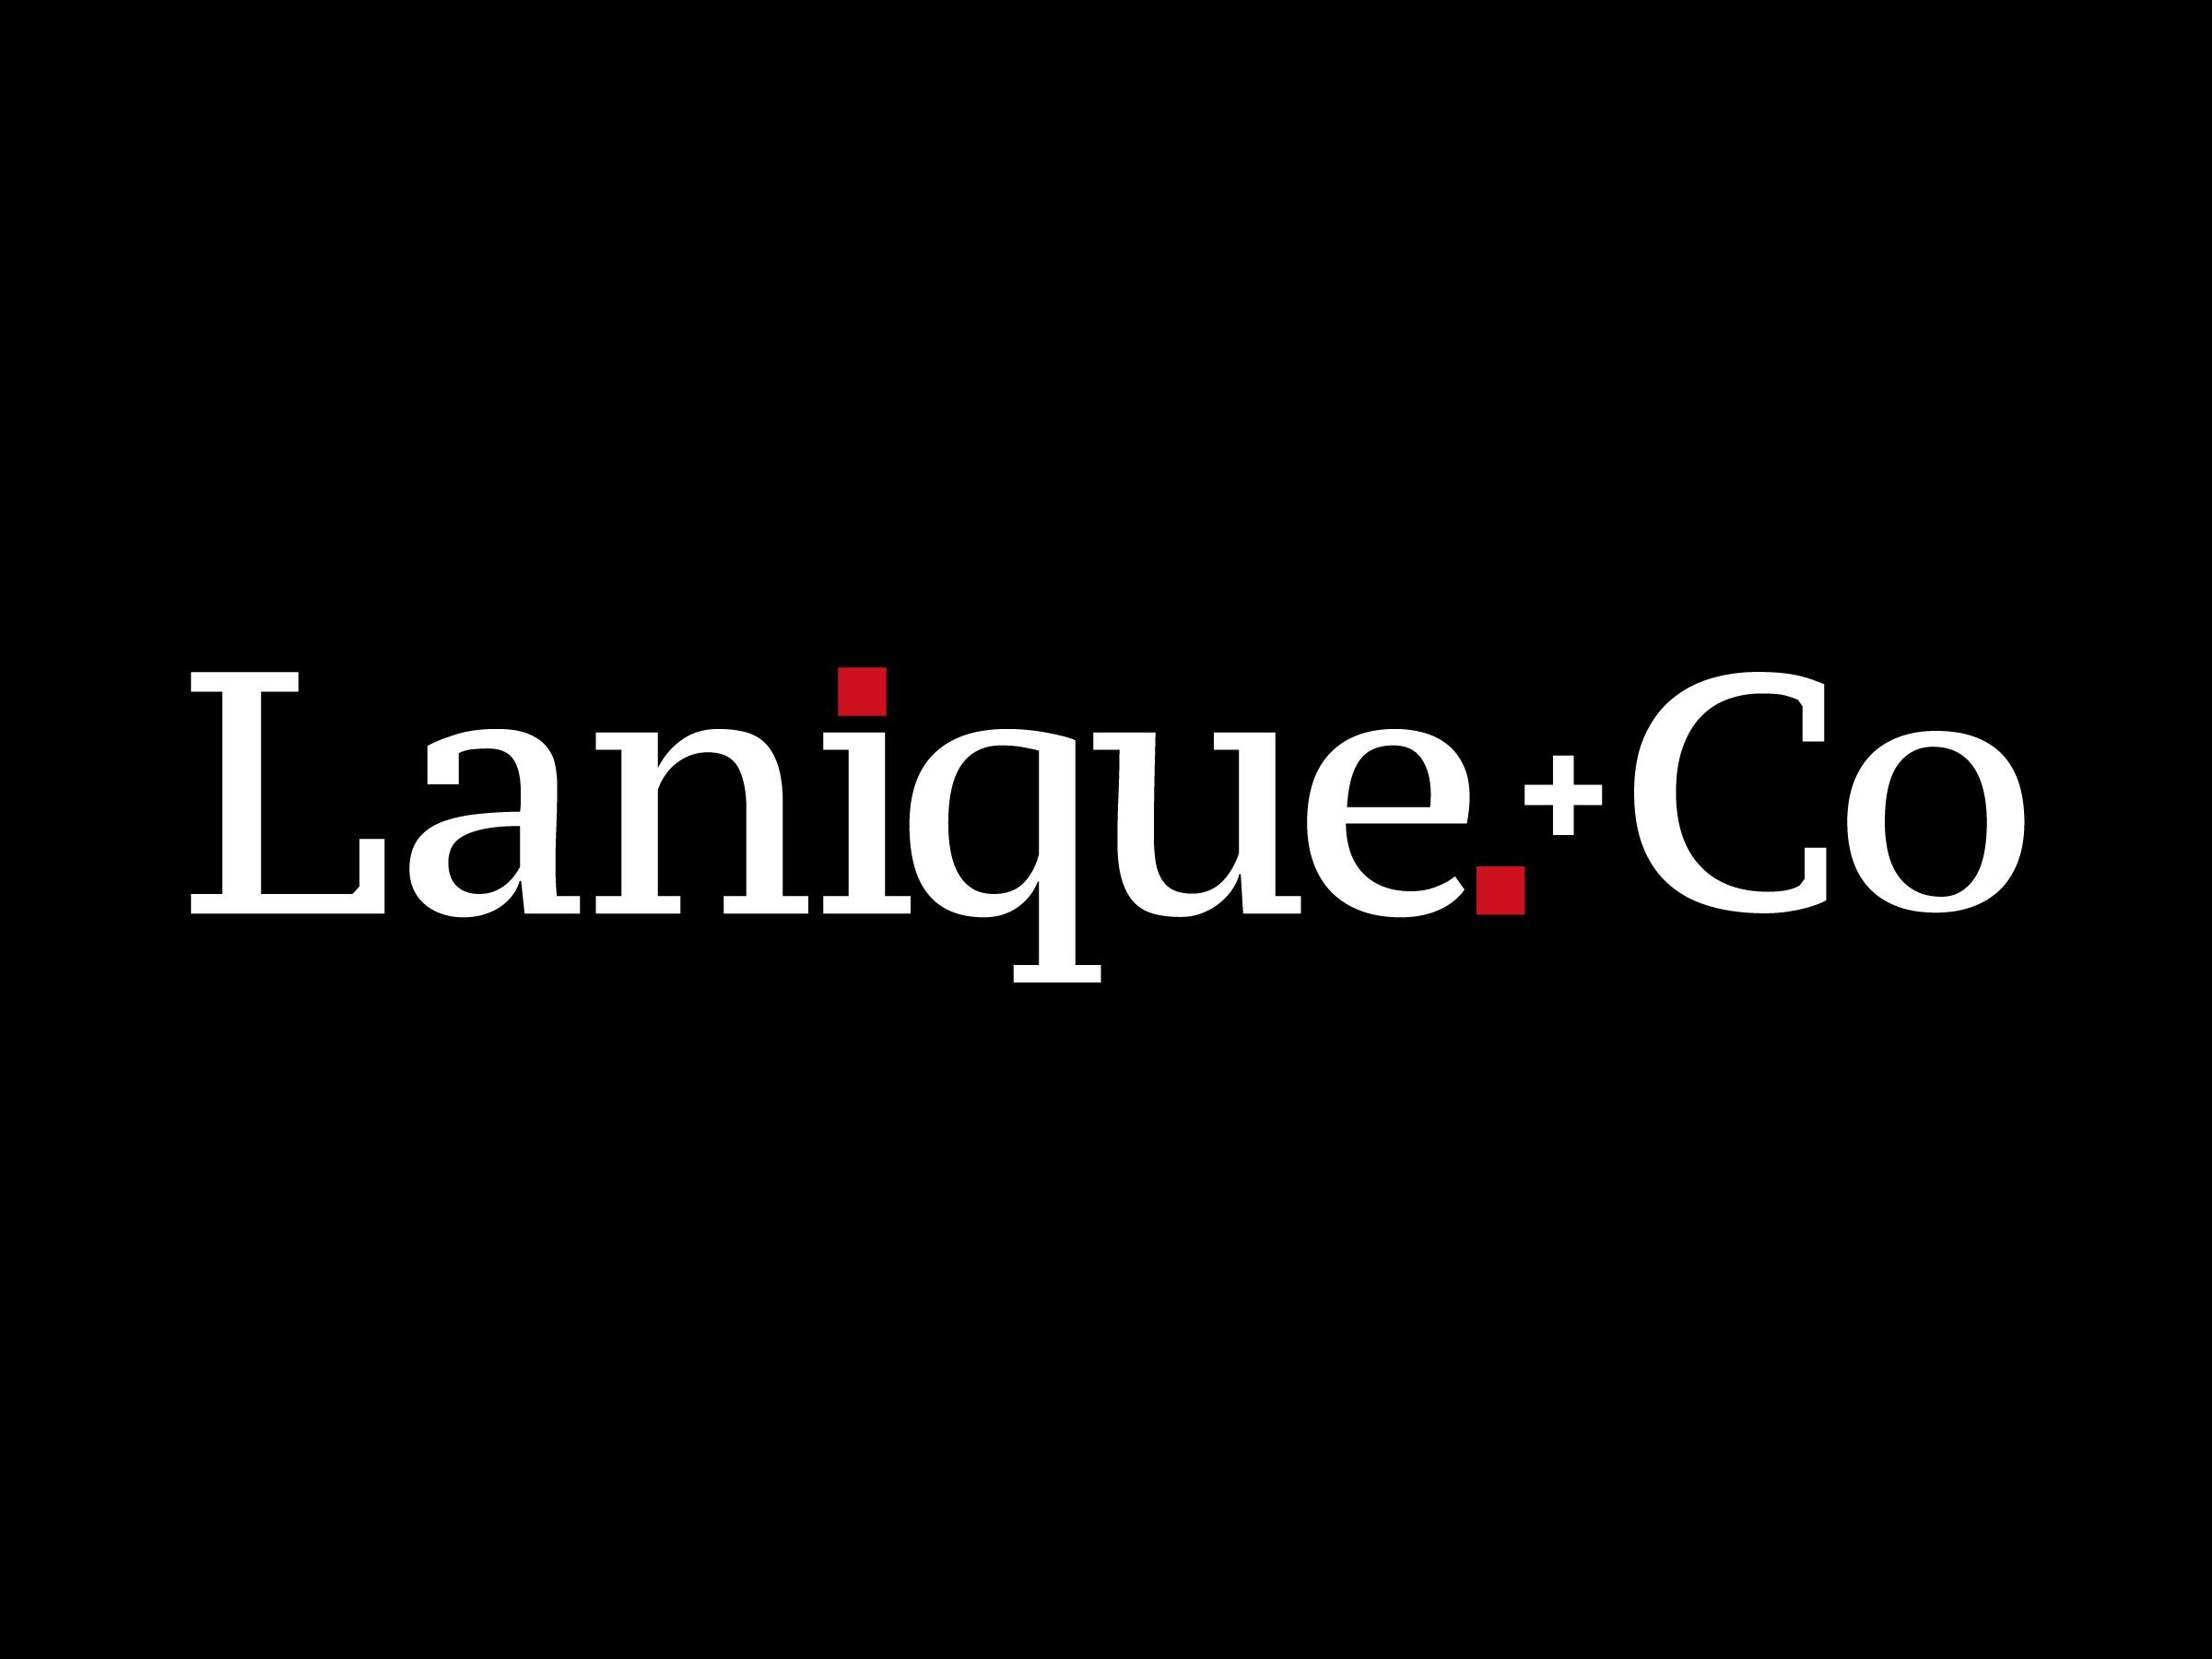 Lanique + Co